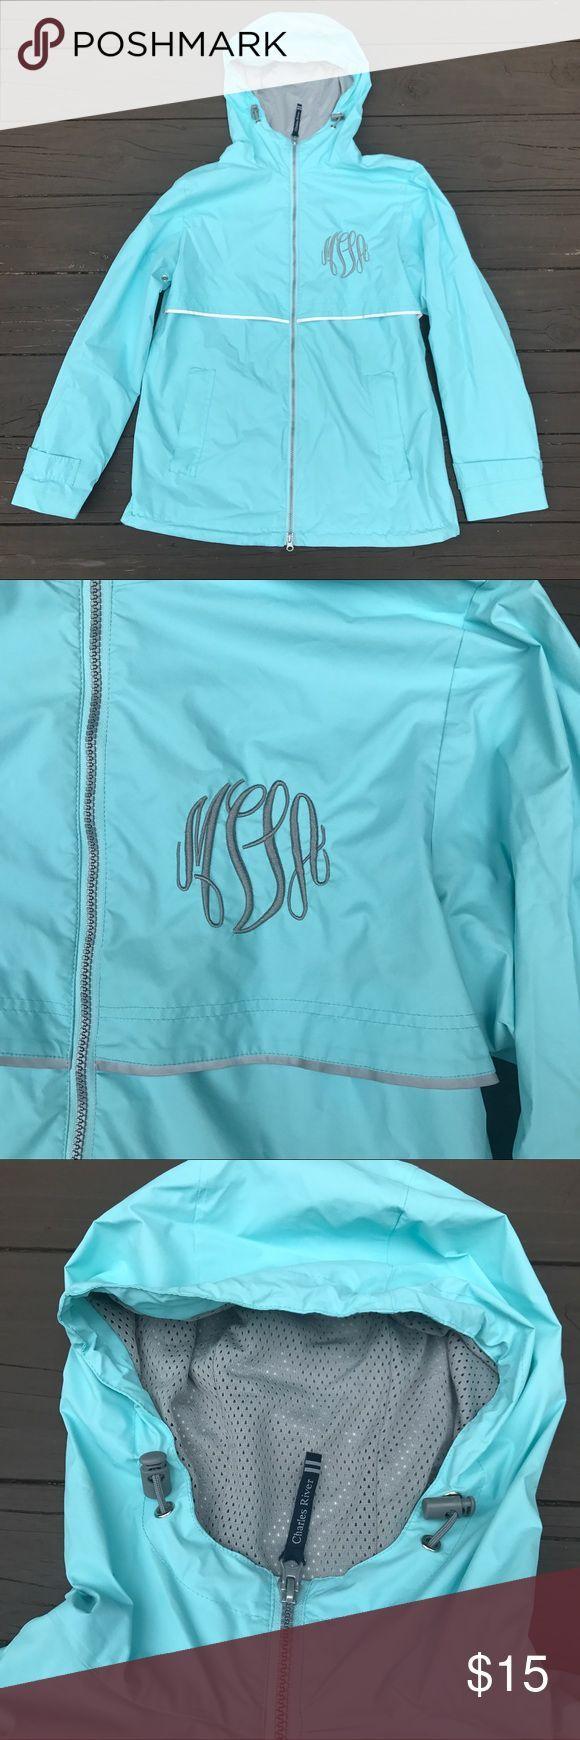 #Bu #Initials #Monogrammed #MVA #Raincoat #Rainy Day Outfit comfortable #Seafoam #Turquoise Seafoam / Turquoise Monogrammed Raincoat Your initials may or may not be MVA, bu...        Seafoam / Turquoise Monogrammed RaincoatイニシャルはMVAである場合とそうでない場合がありますが、どちらの場合もこのレインコートは非常に重要です。雨から保護する100%ポリエステルで、温かいジッパーポケット、ダブルジッパー、調節可能な手首のサイズ、調節可能なフード、およびいくつかの反射ストライプがあります。このジャ... #rainydayoutfitforwork